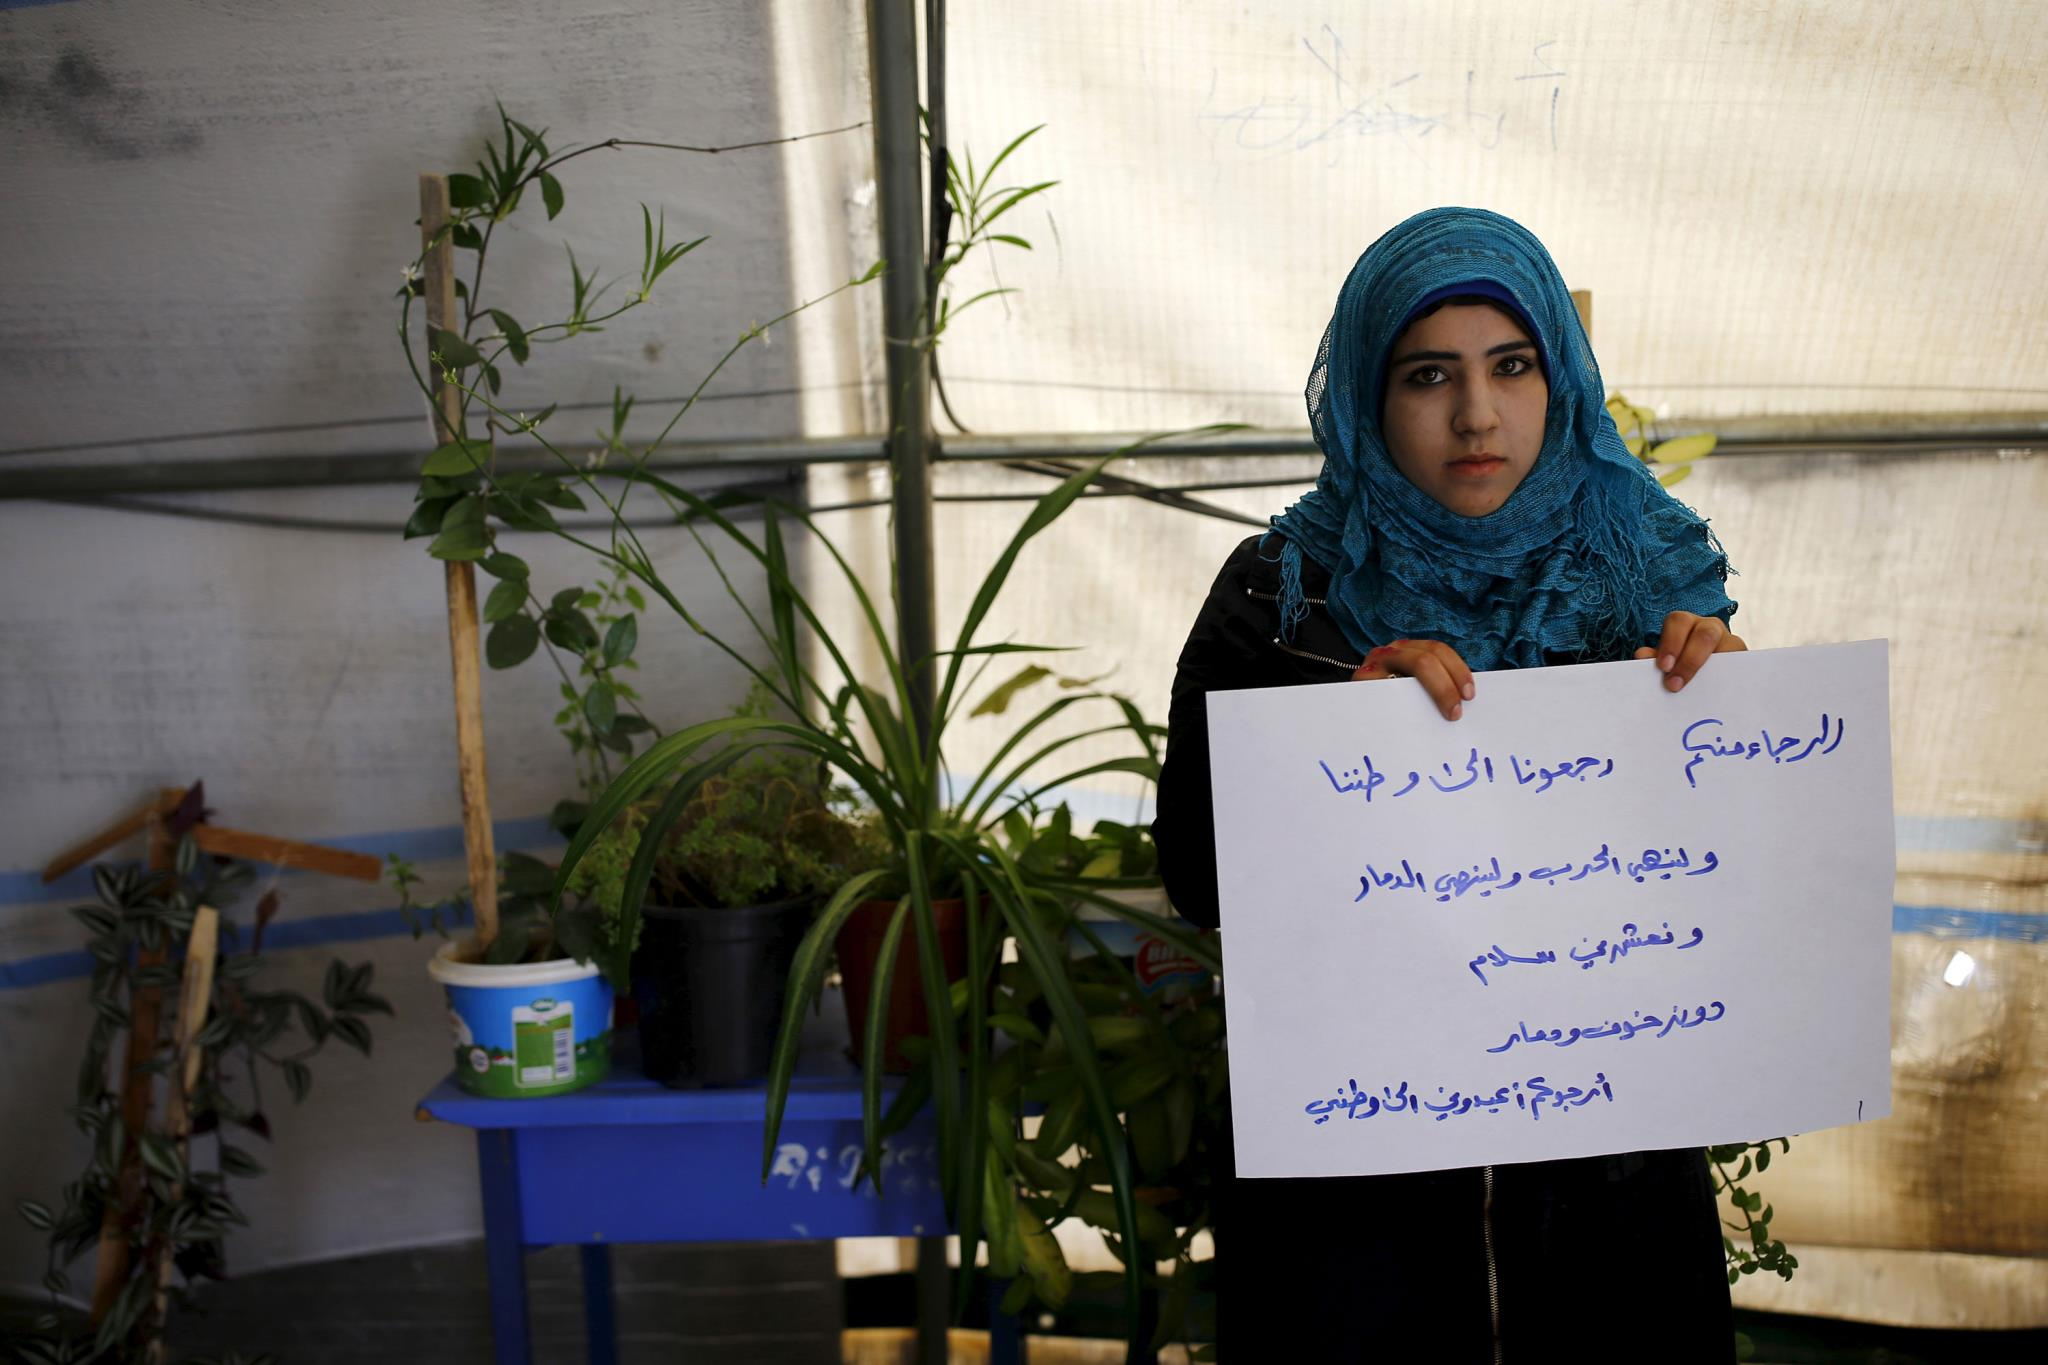 En Imágenes Niños Refugiados Sirios Sueñan Con Su Hogar